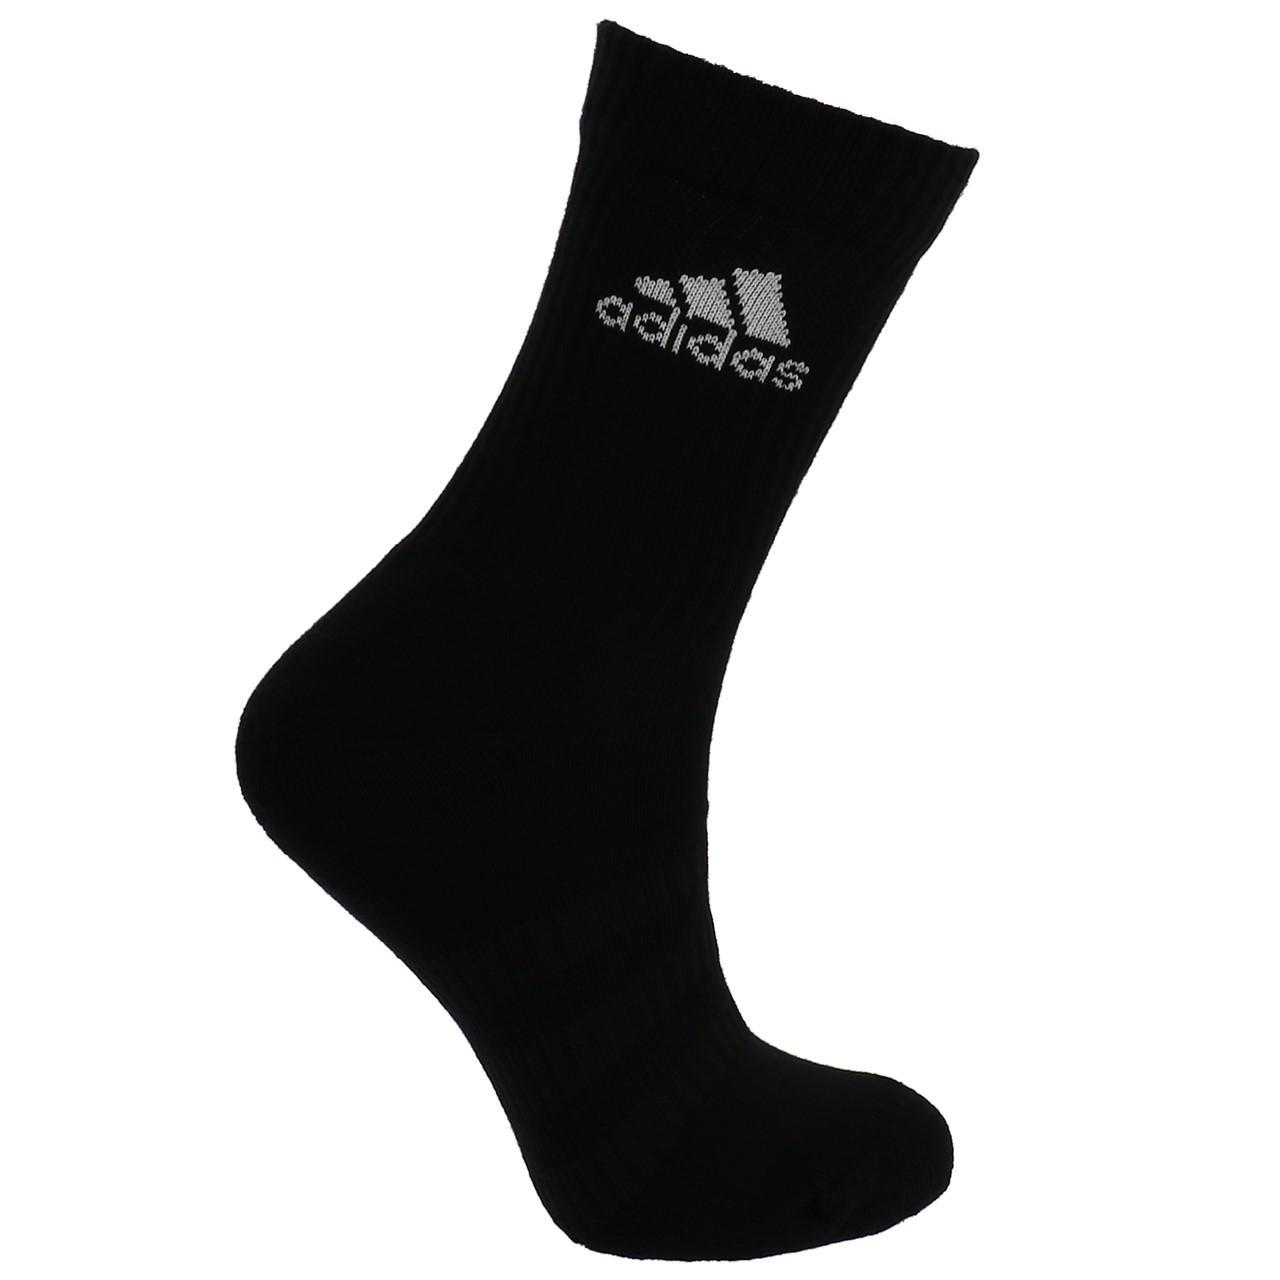 Short-Socks-Socks-Adidas-3s-Perf-Crew-cho7-nr-6pp-Black-19049-New thumbnail 2